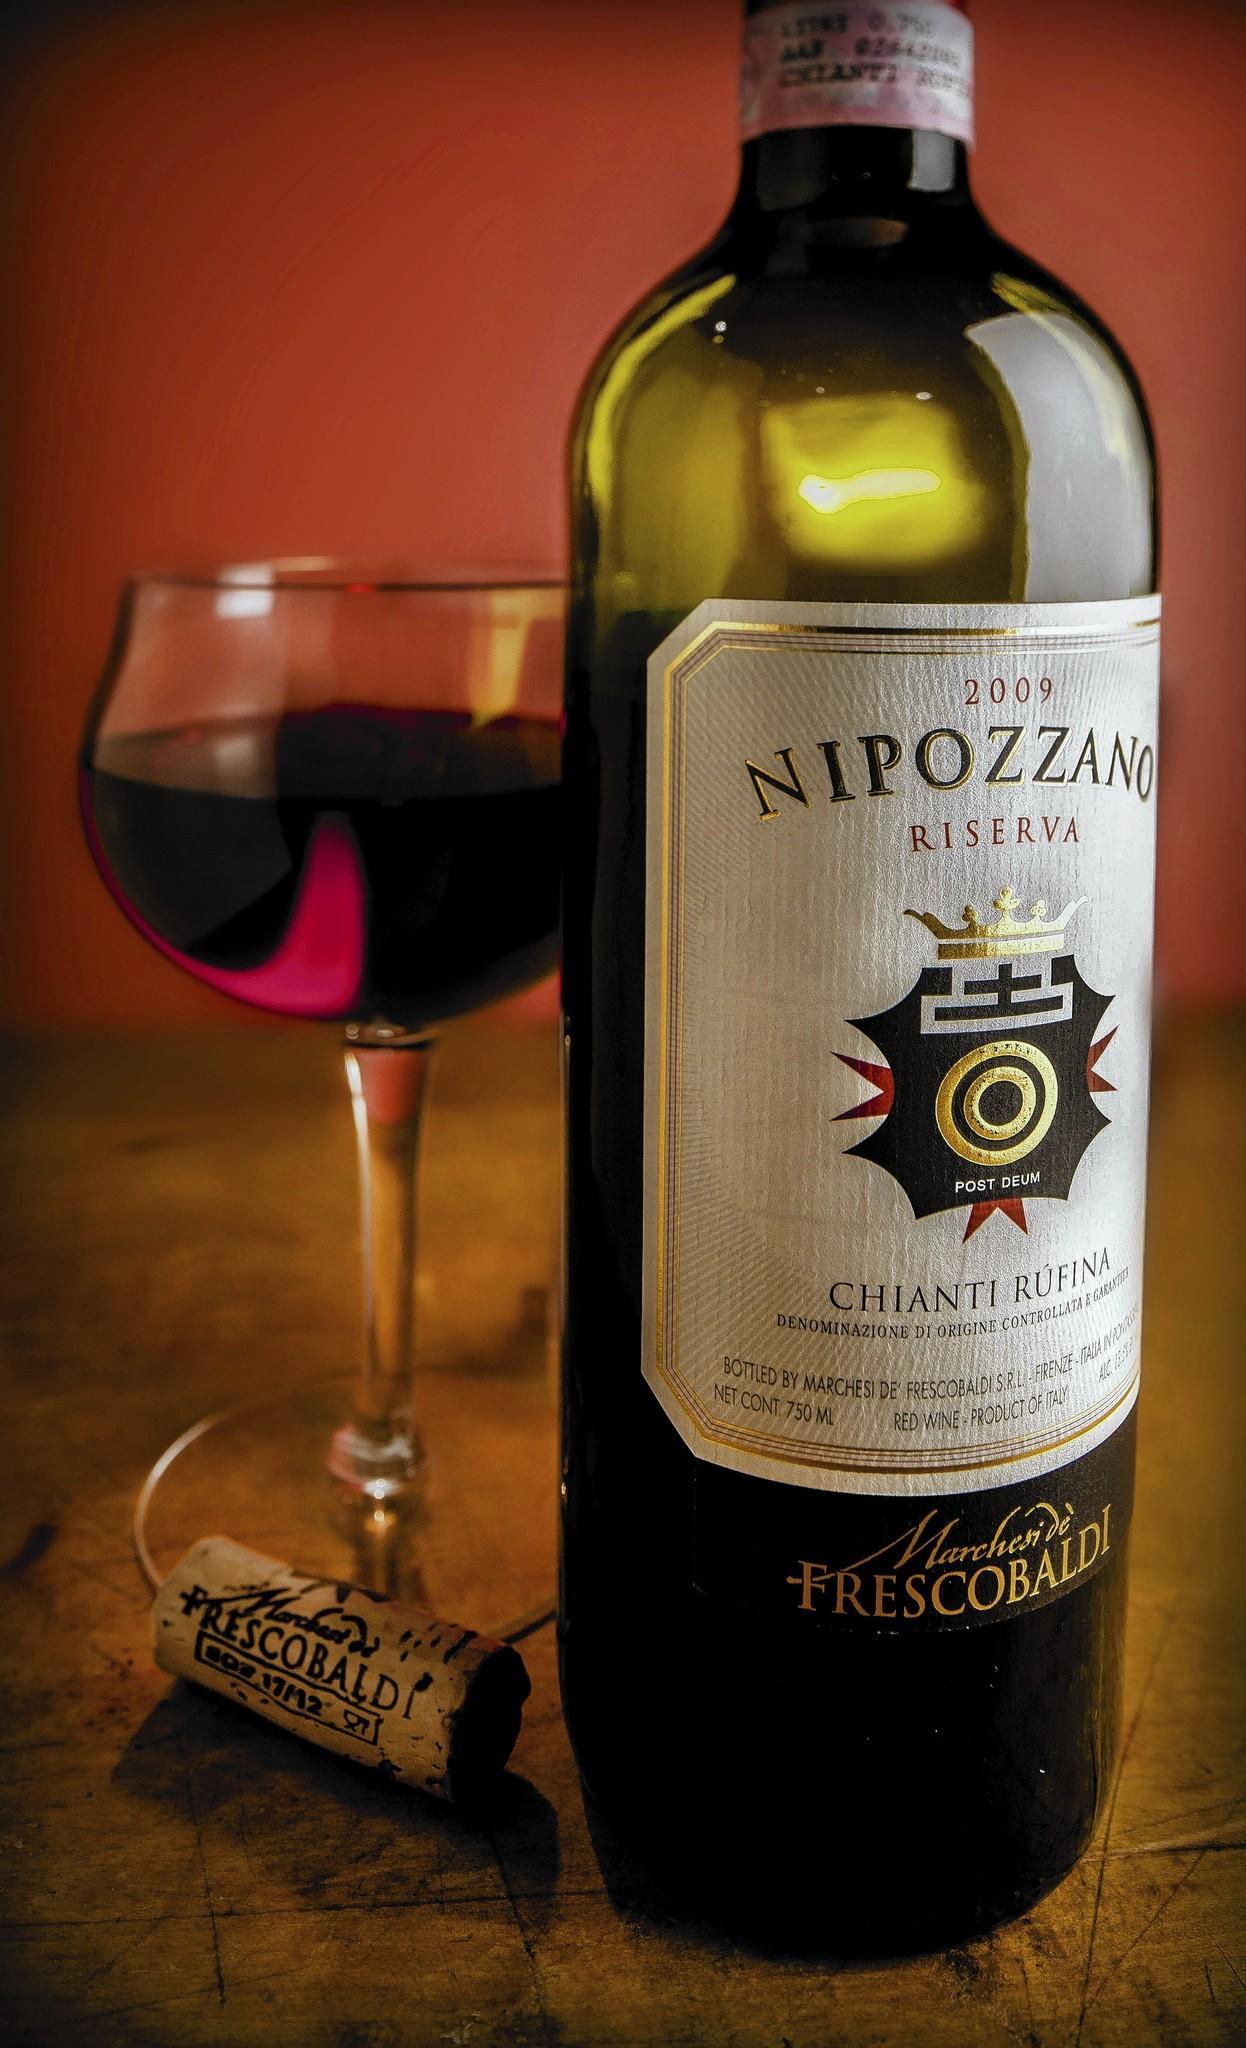 A bottle of Nipozzano Chianti Rufina.